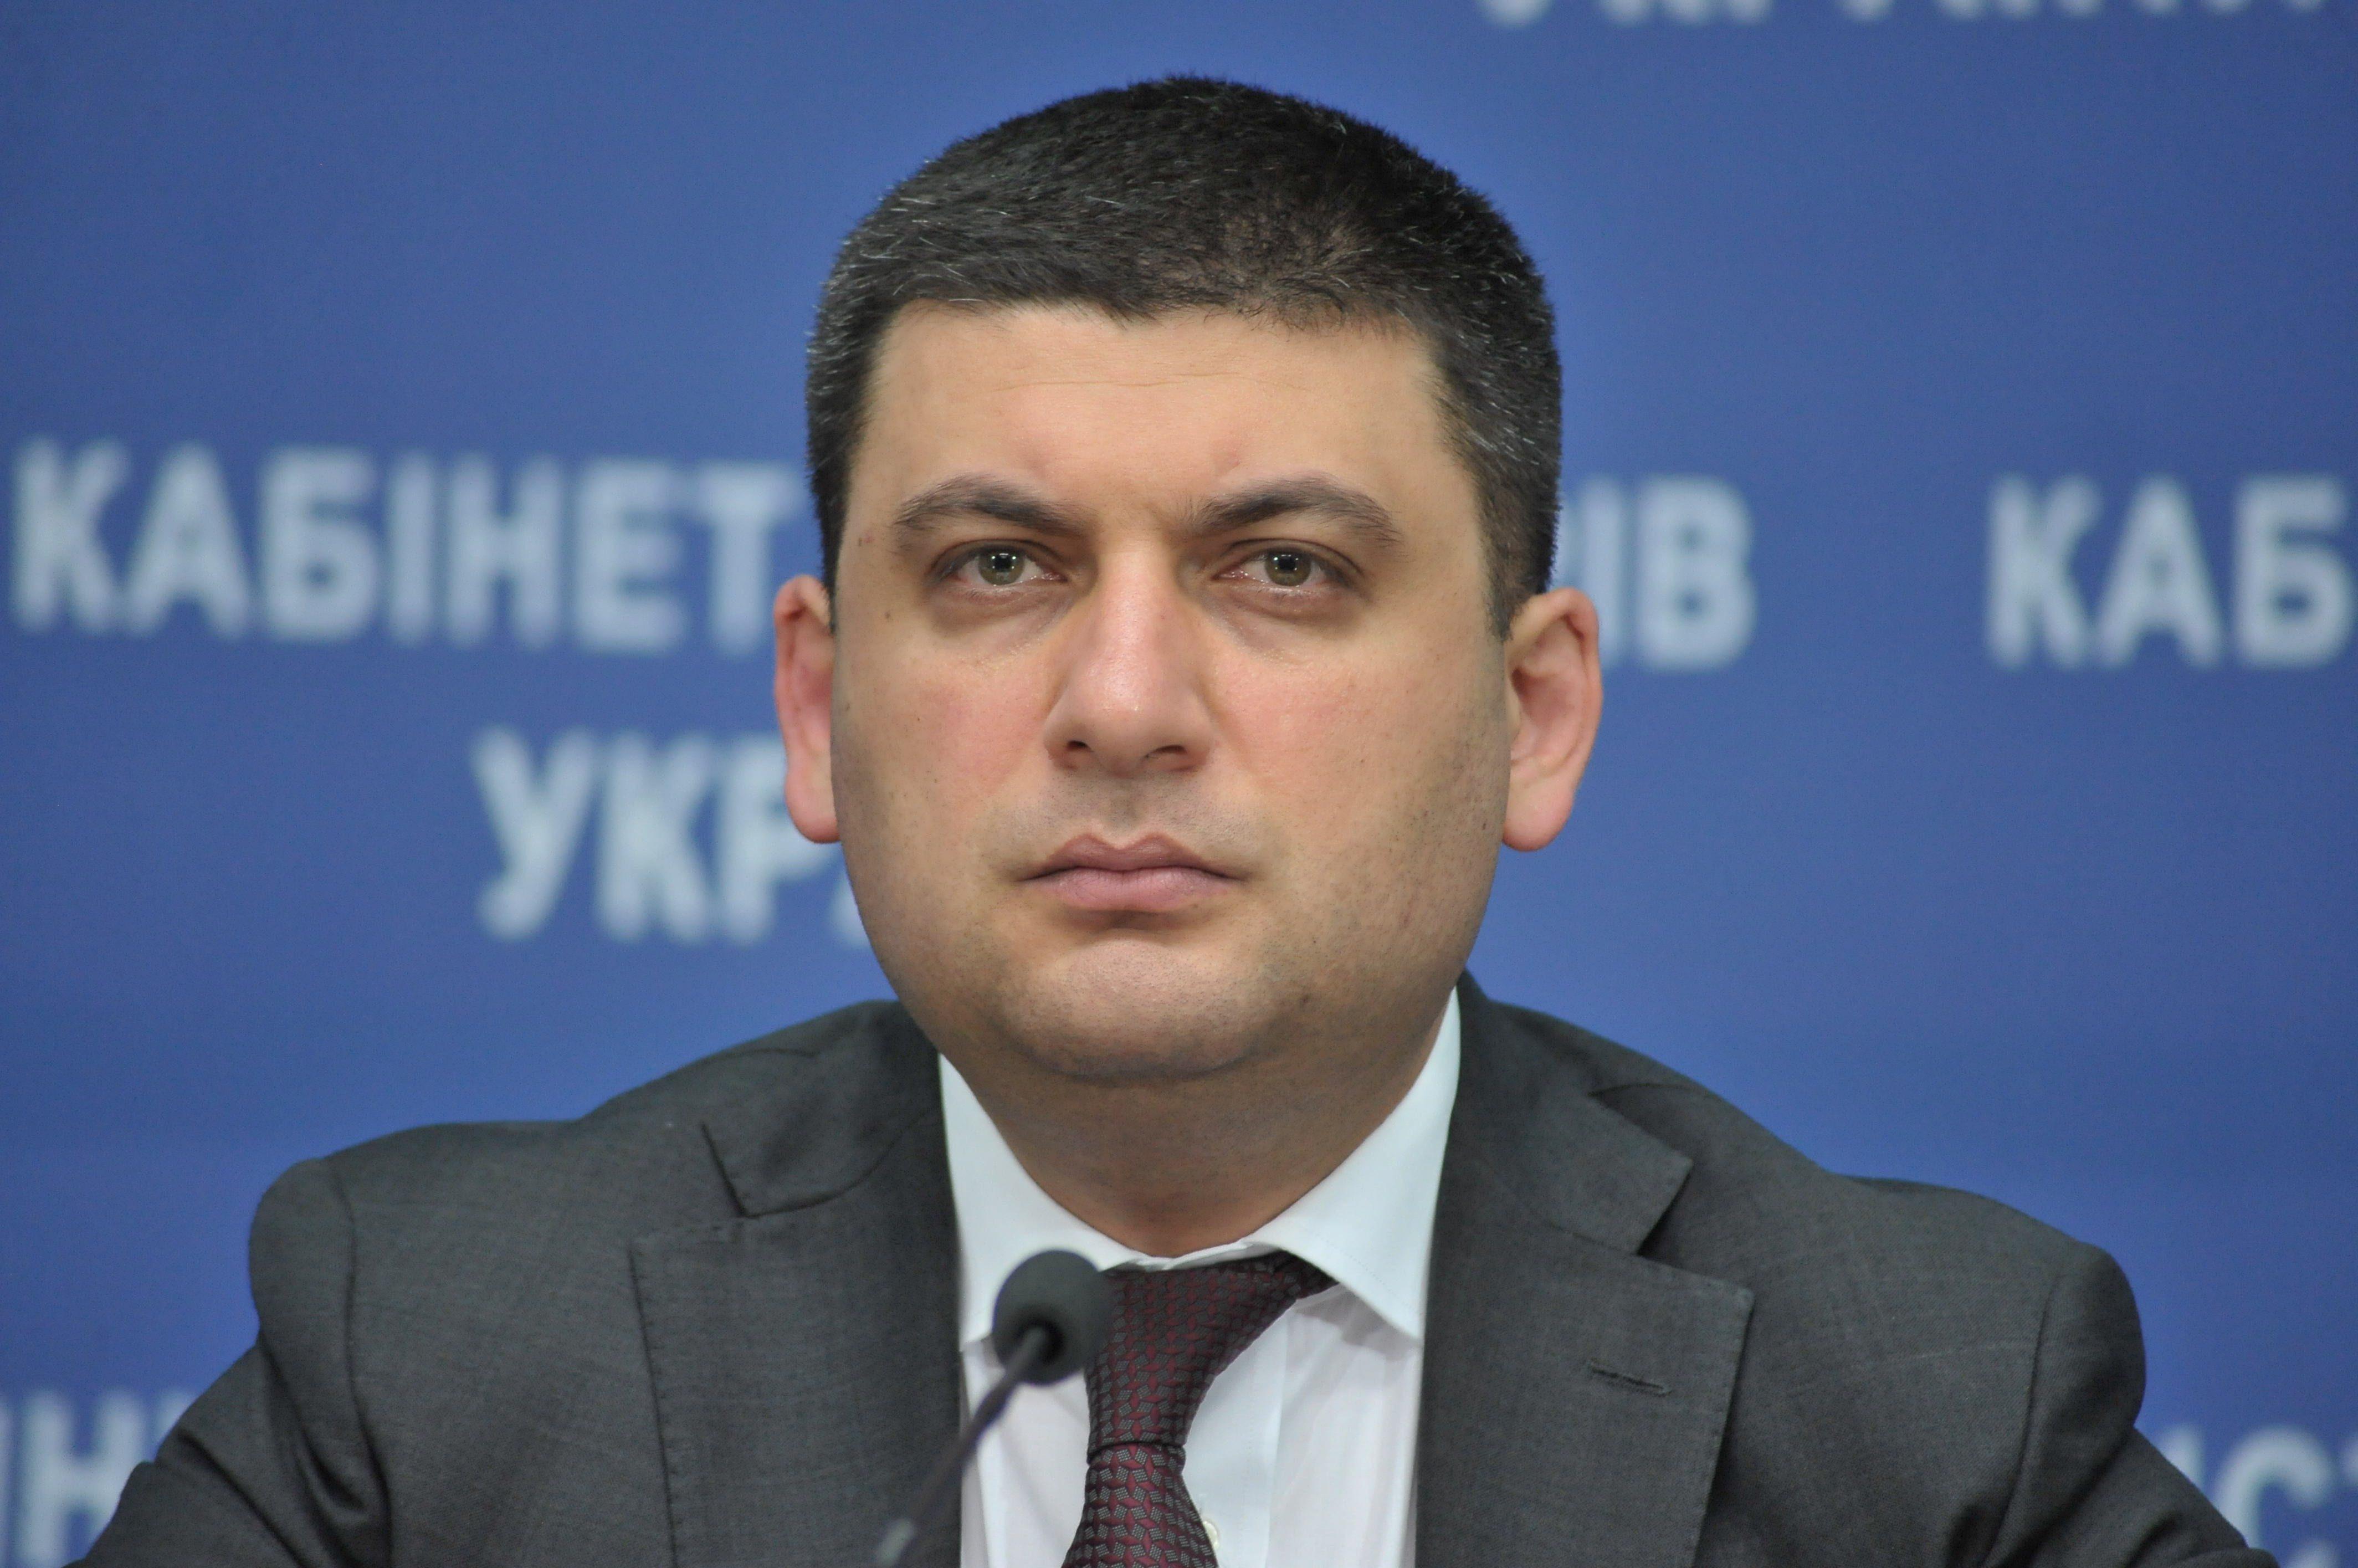 Гройсман публично ипод аплодисменты отстранил председателя Госслужбы геодезии Цвяха